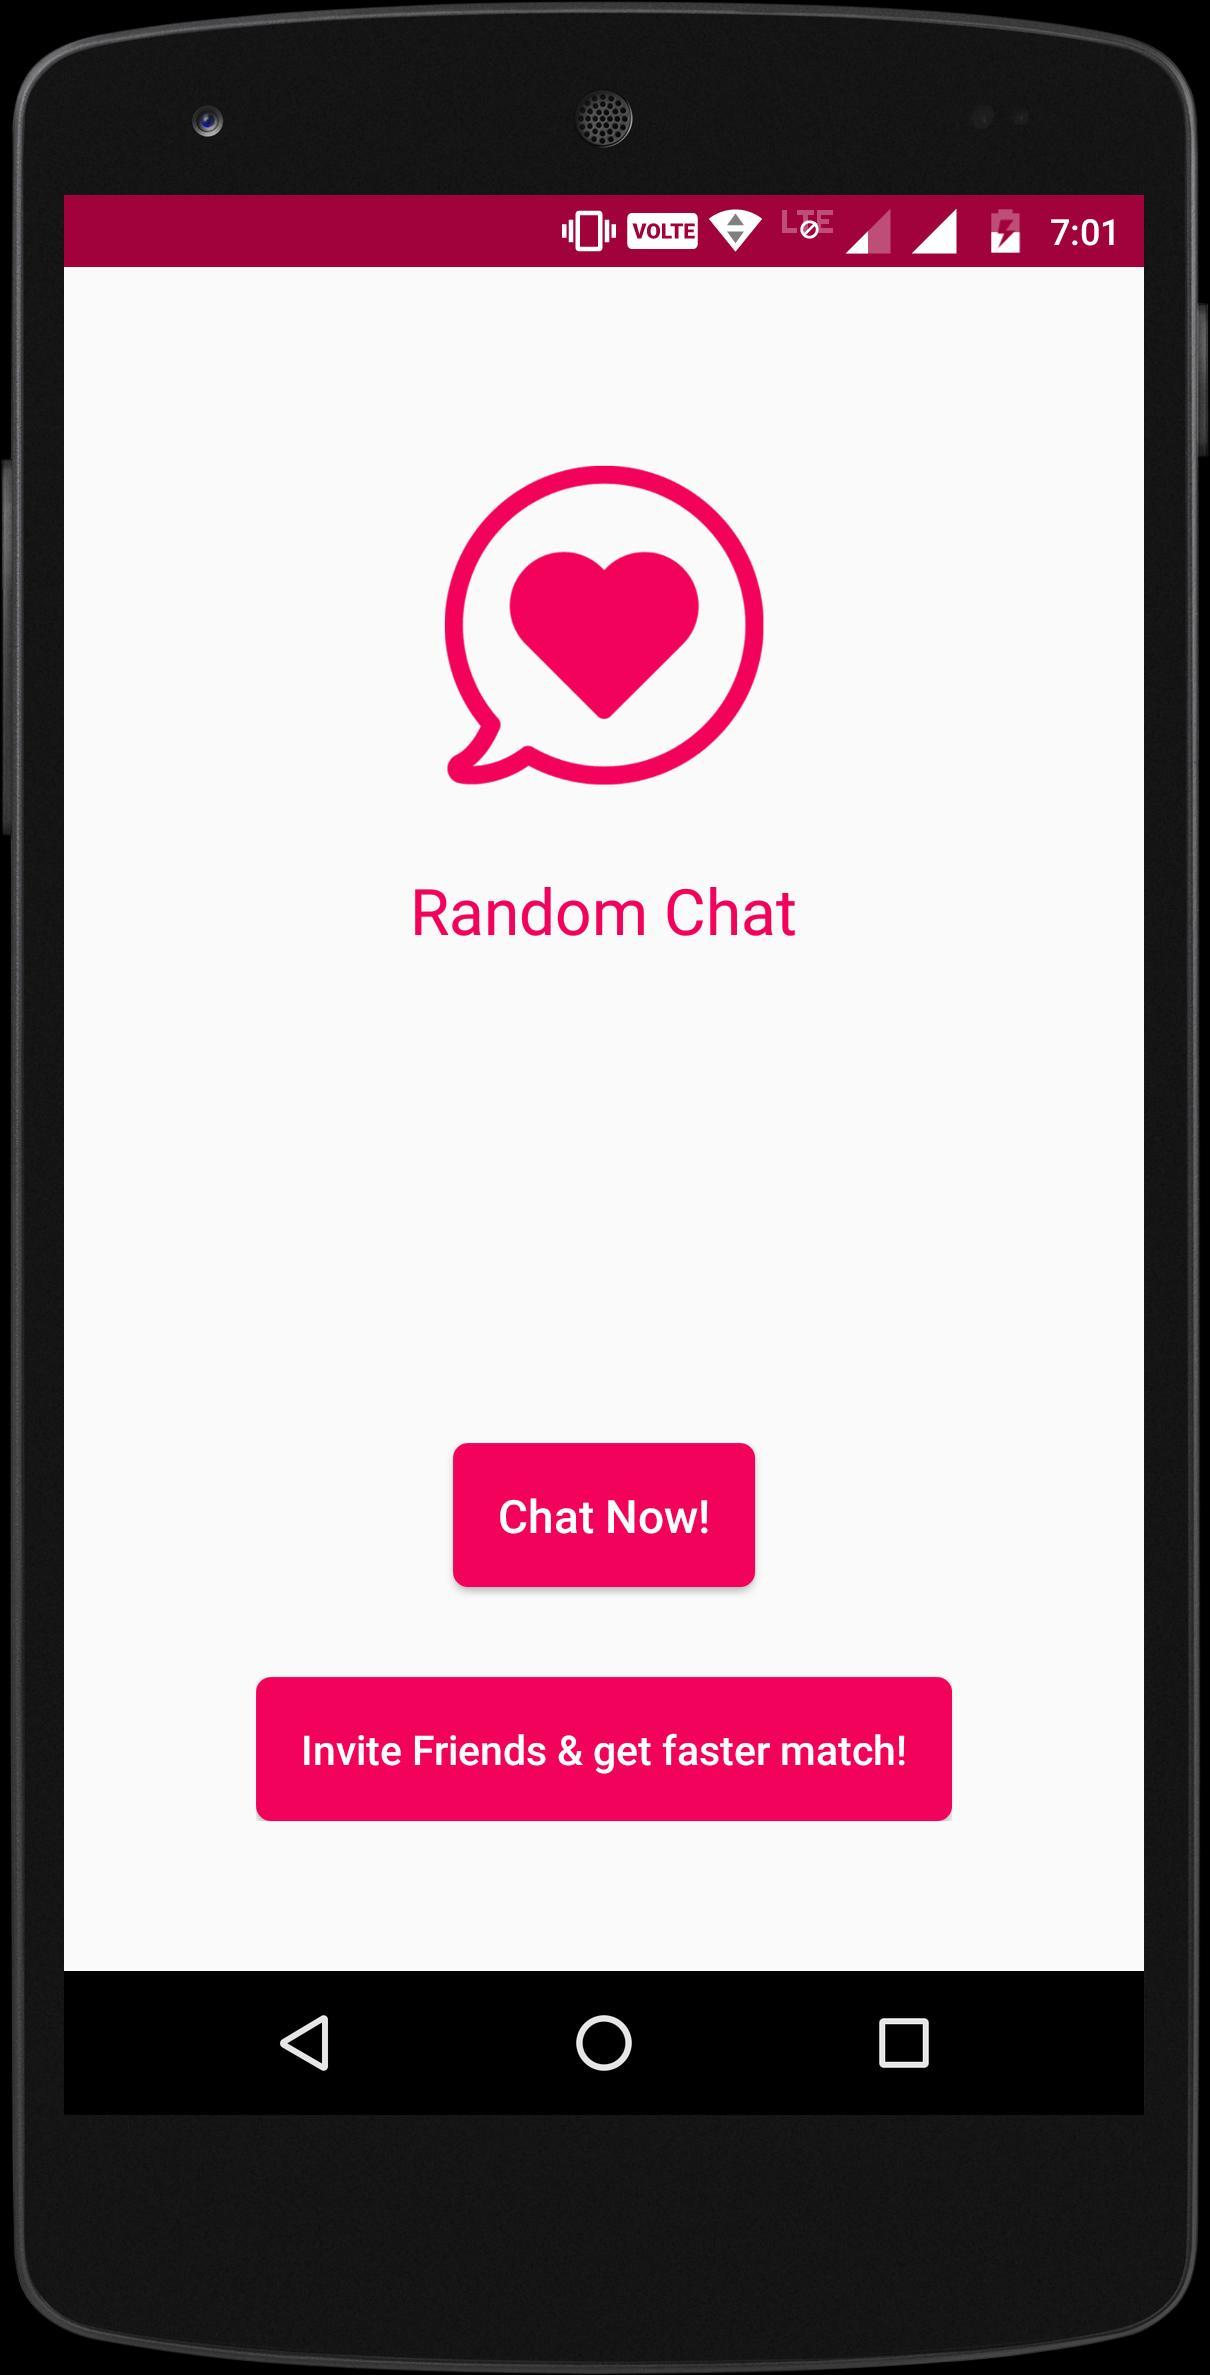 Android random chat app RandoChat